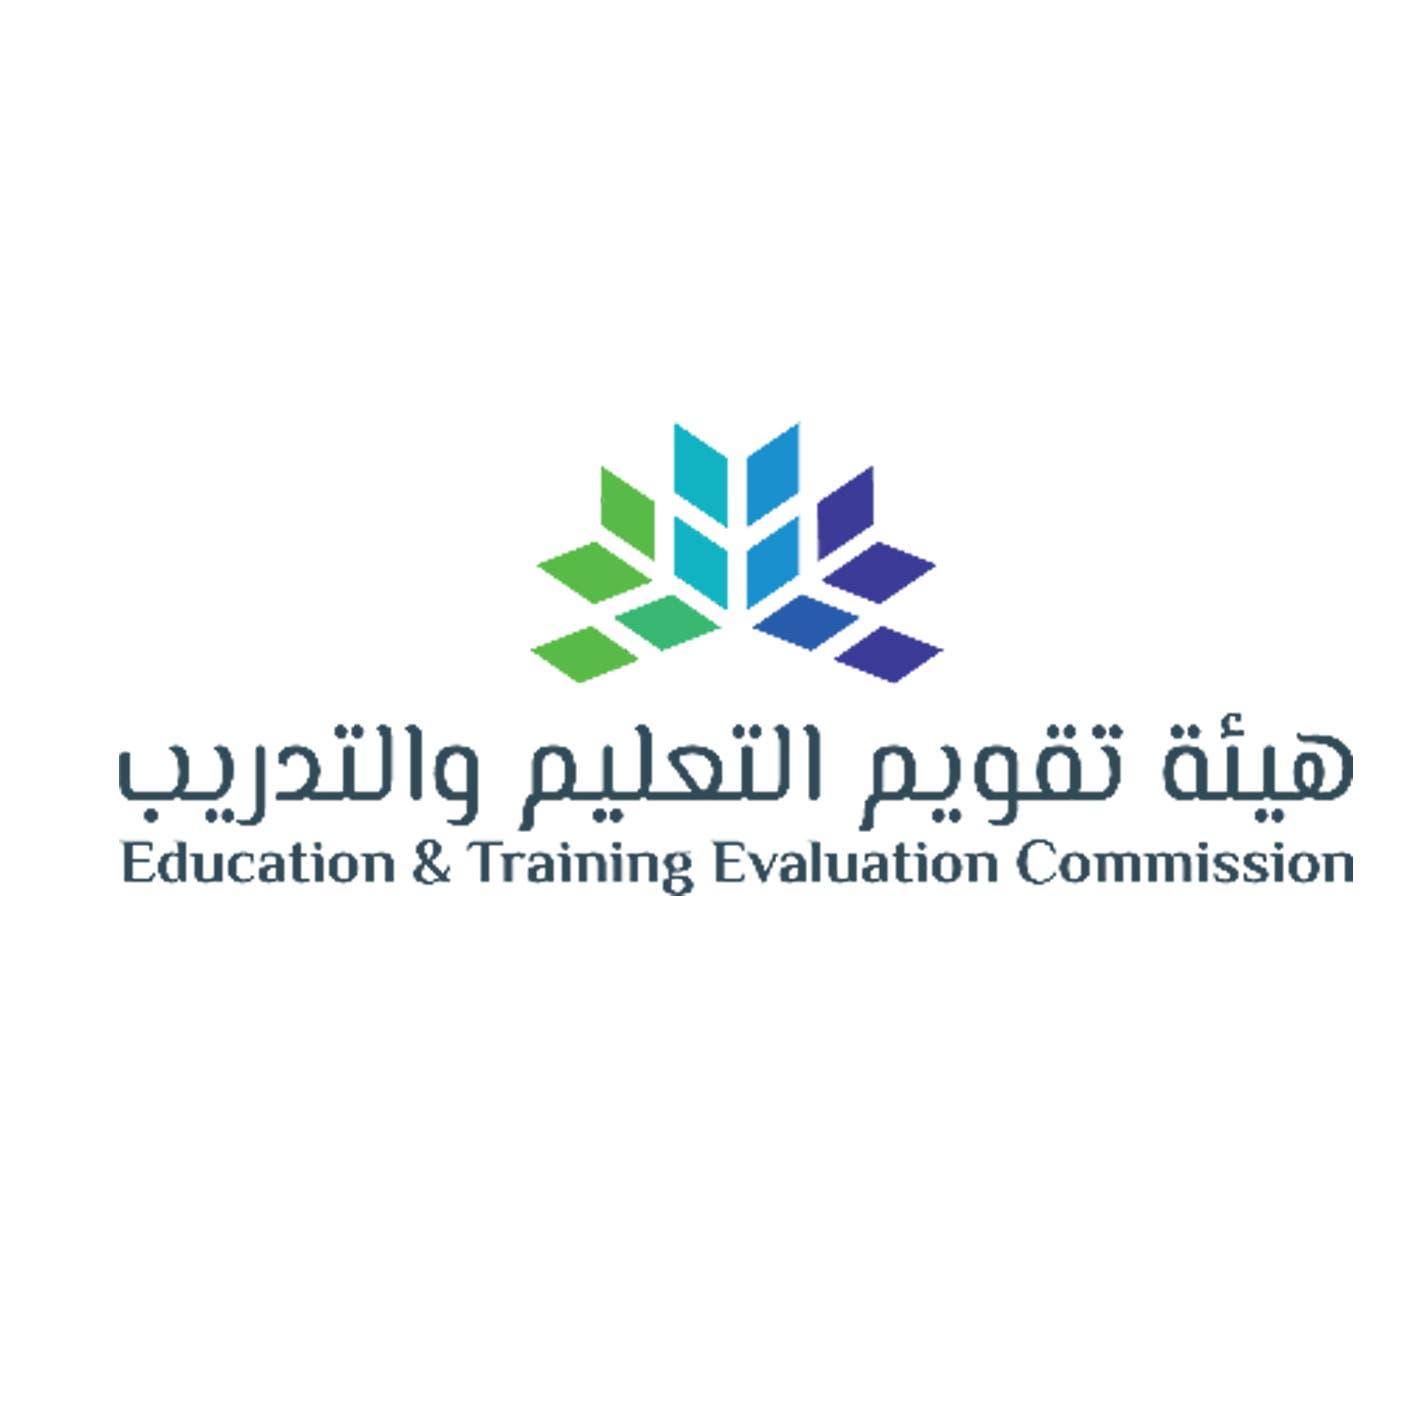 إصدار أول رخصة مهنية للمعلمين والمعلمات بالسعودية اليوم